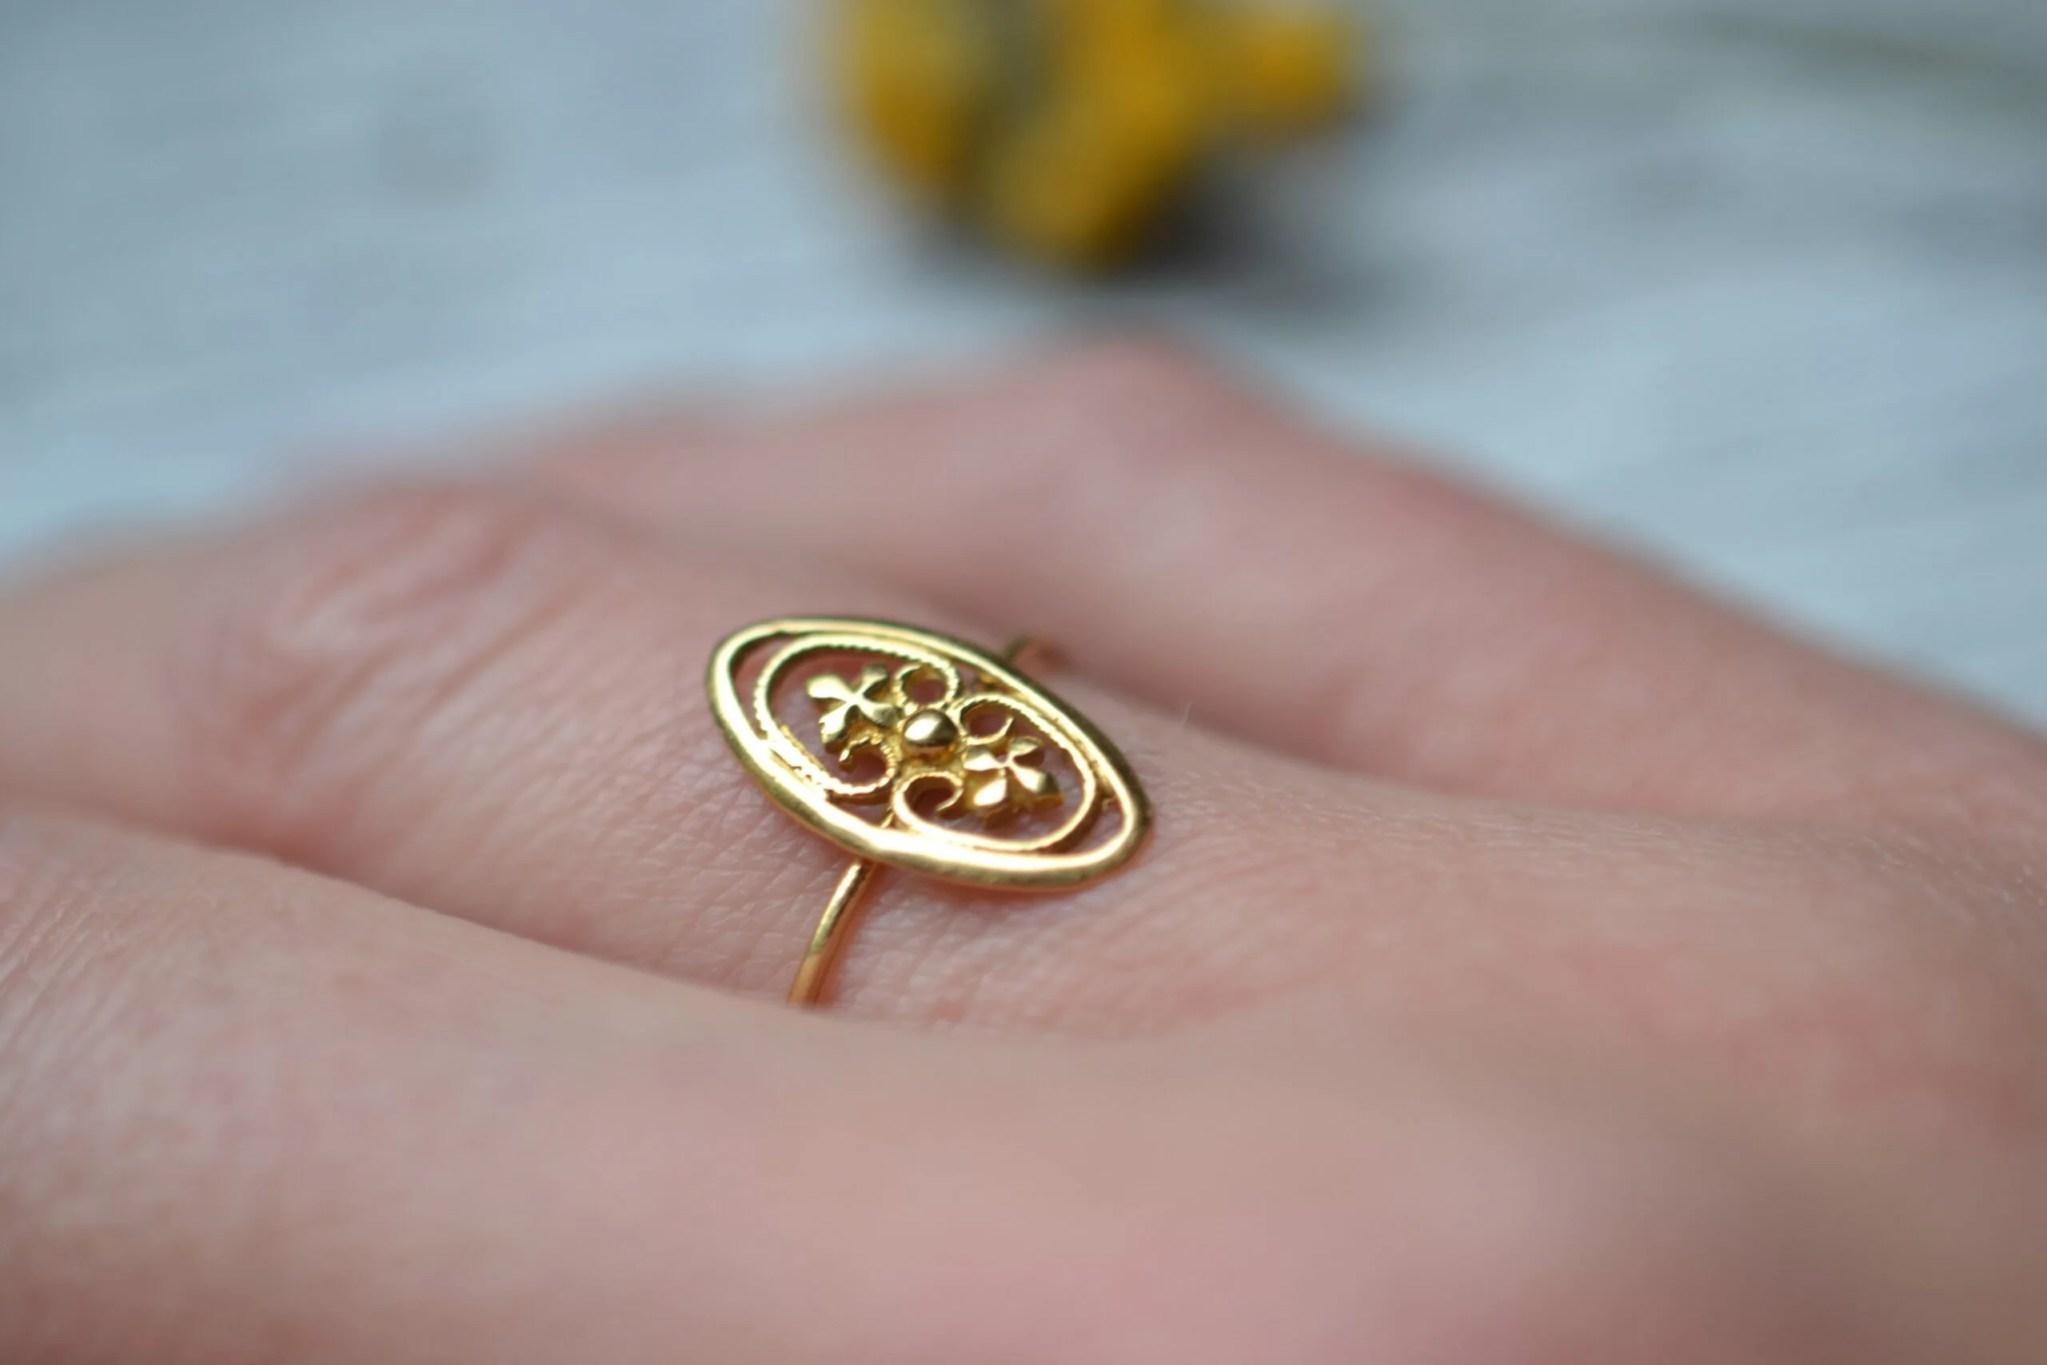 bague motif trèfles - un bijou en or 18 carats - 750/1000 - noircarat.fr